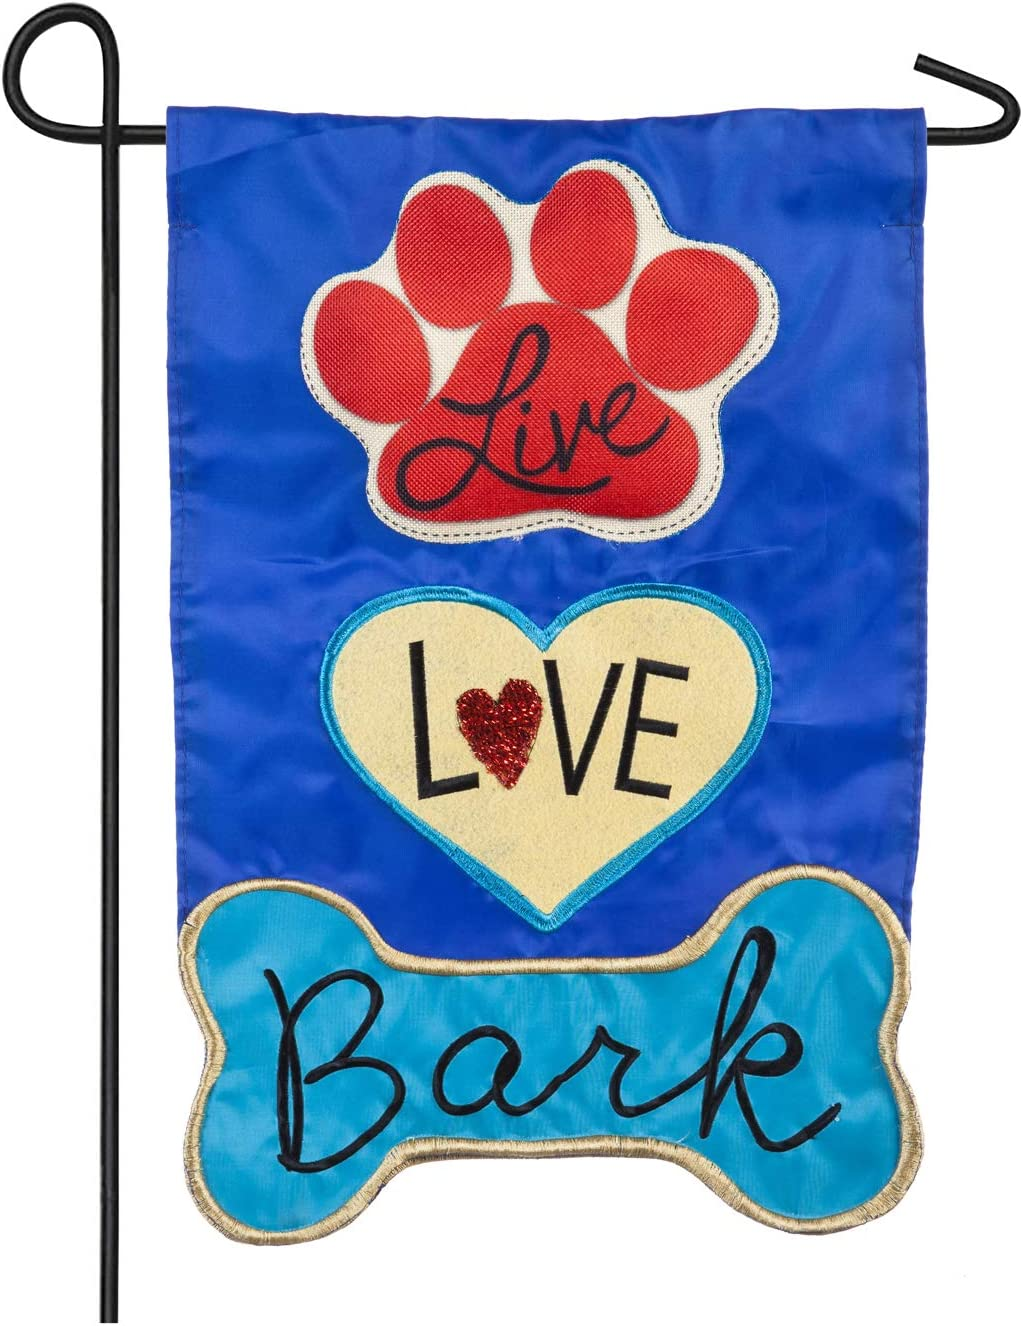 Evergreen Applique Garden Flag - Live Love Bark